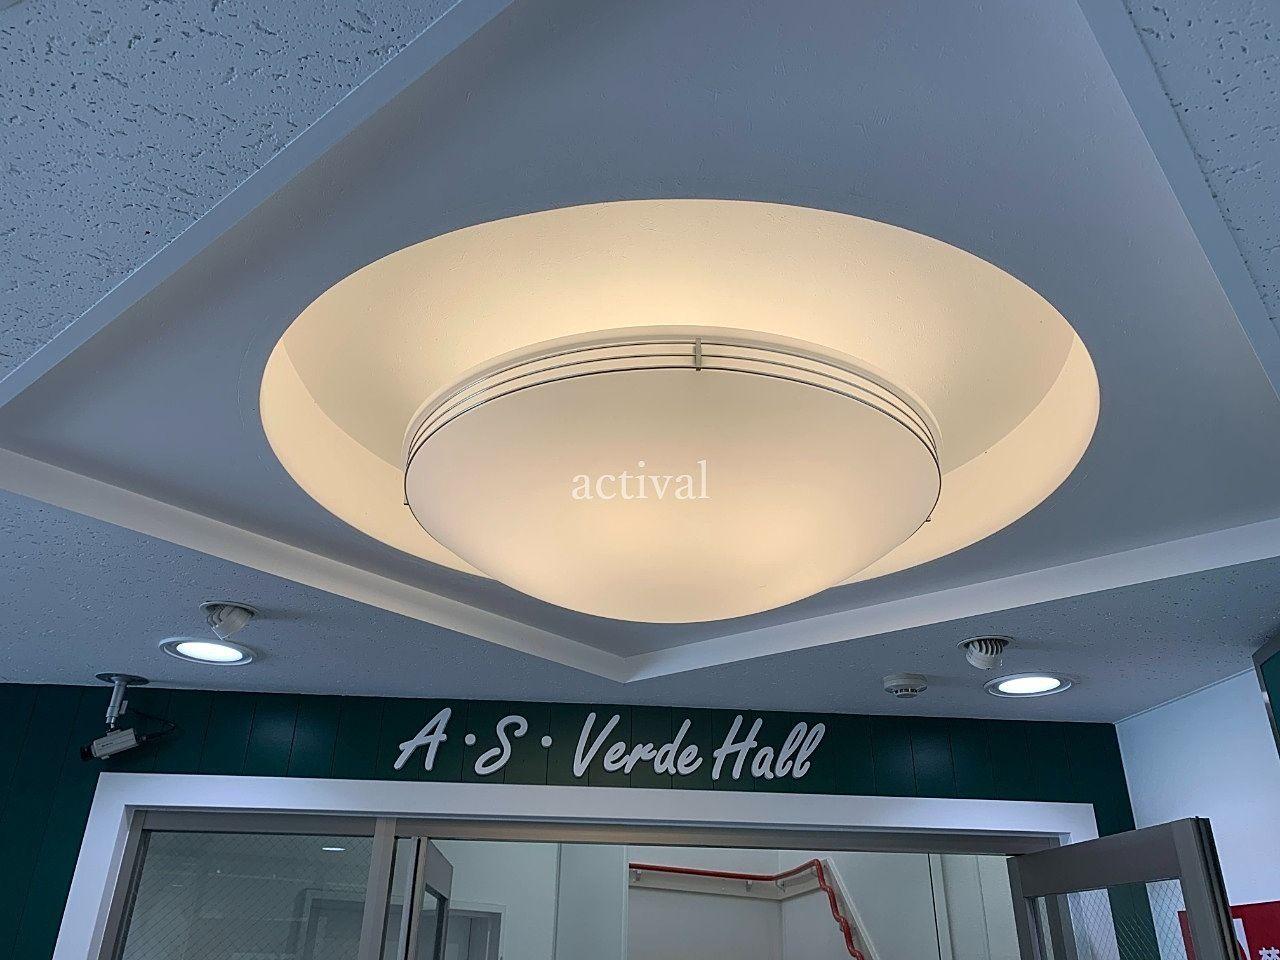 ア・ス・ヴェルデⅡのア・ス・ヴェルデホールにある照明カバー掃除です。